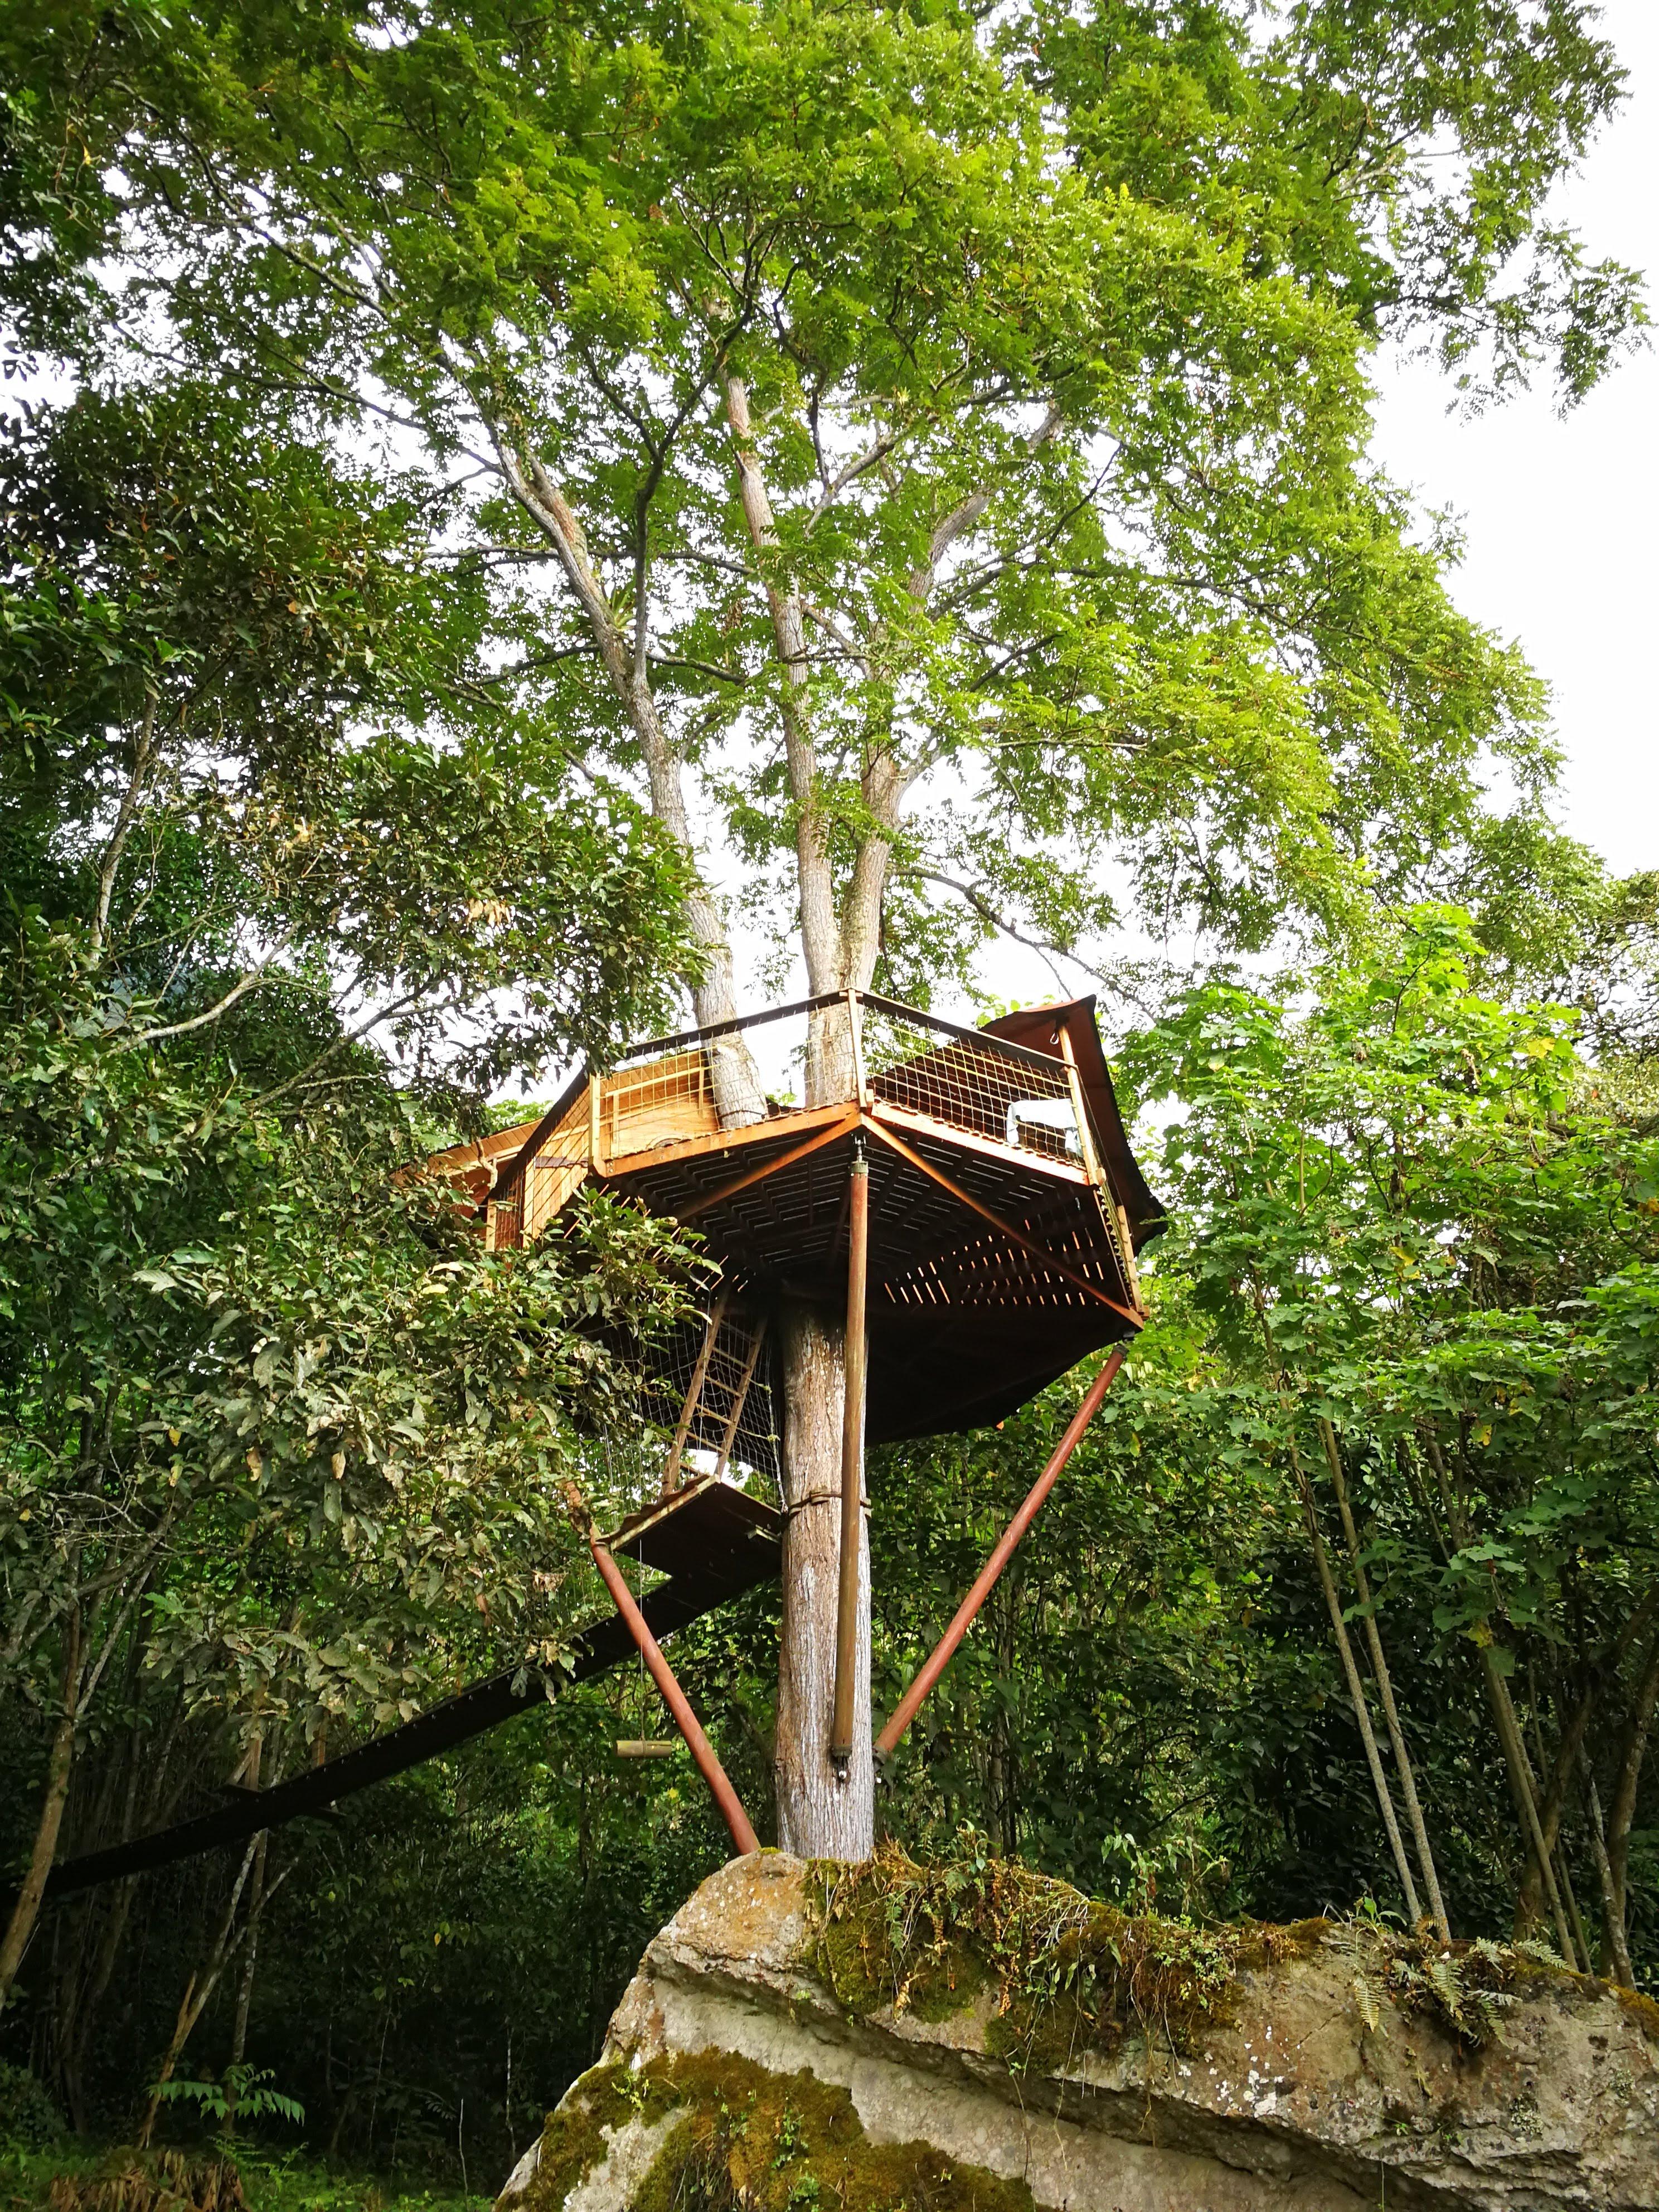 Tree house hotel experience